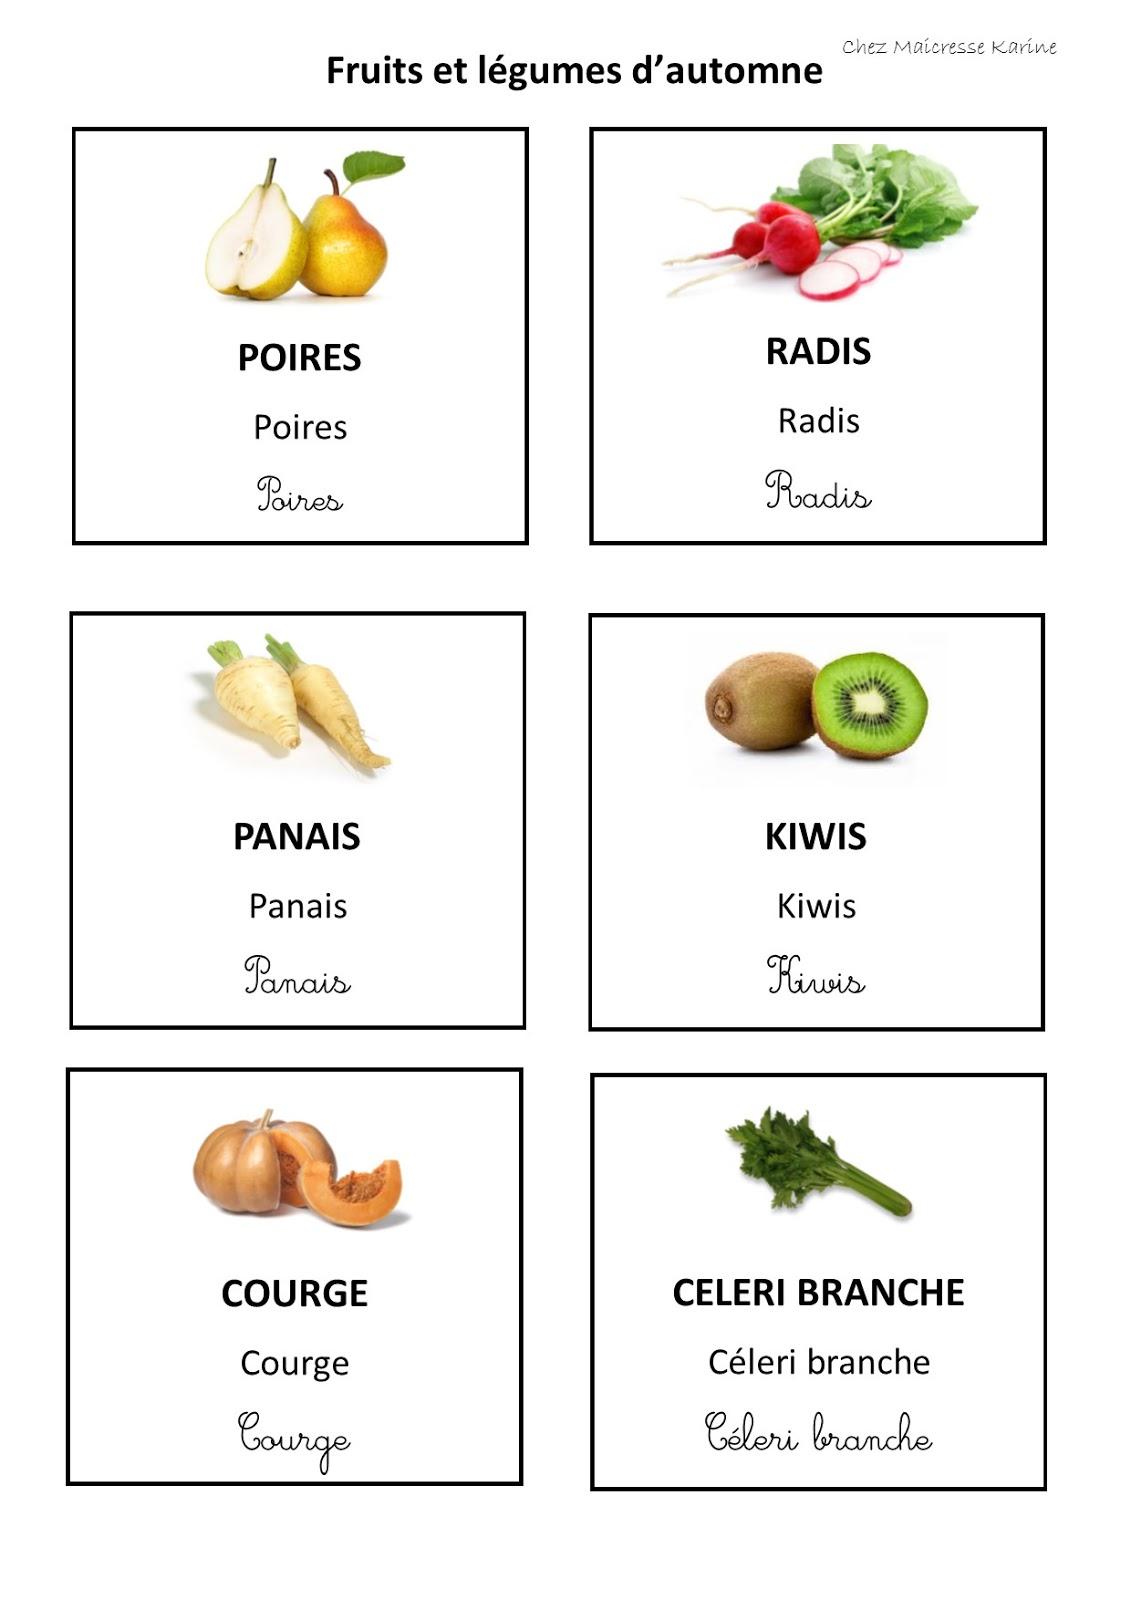 Chez maicresse karine cartes de nomenclature fruits et - Fruits automne maternelle ...